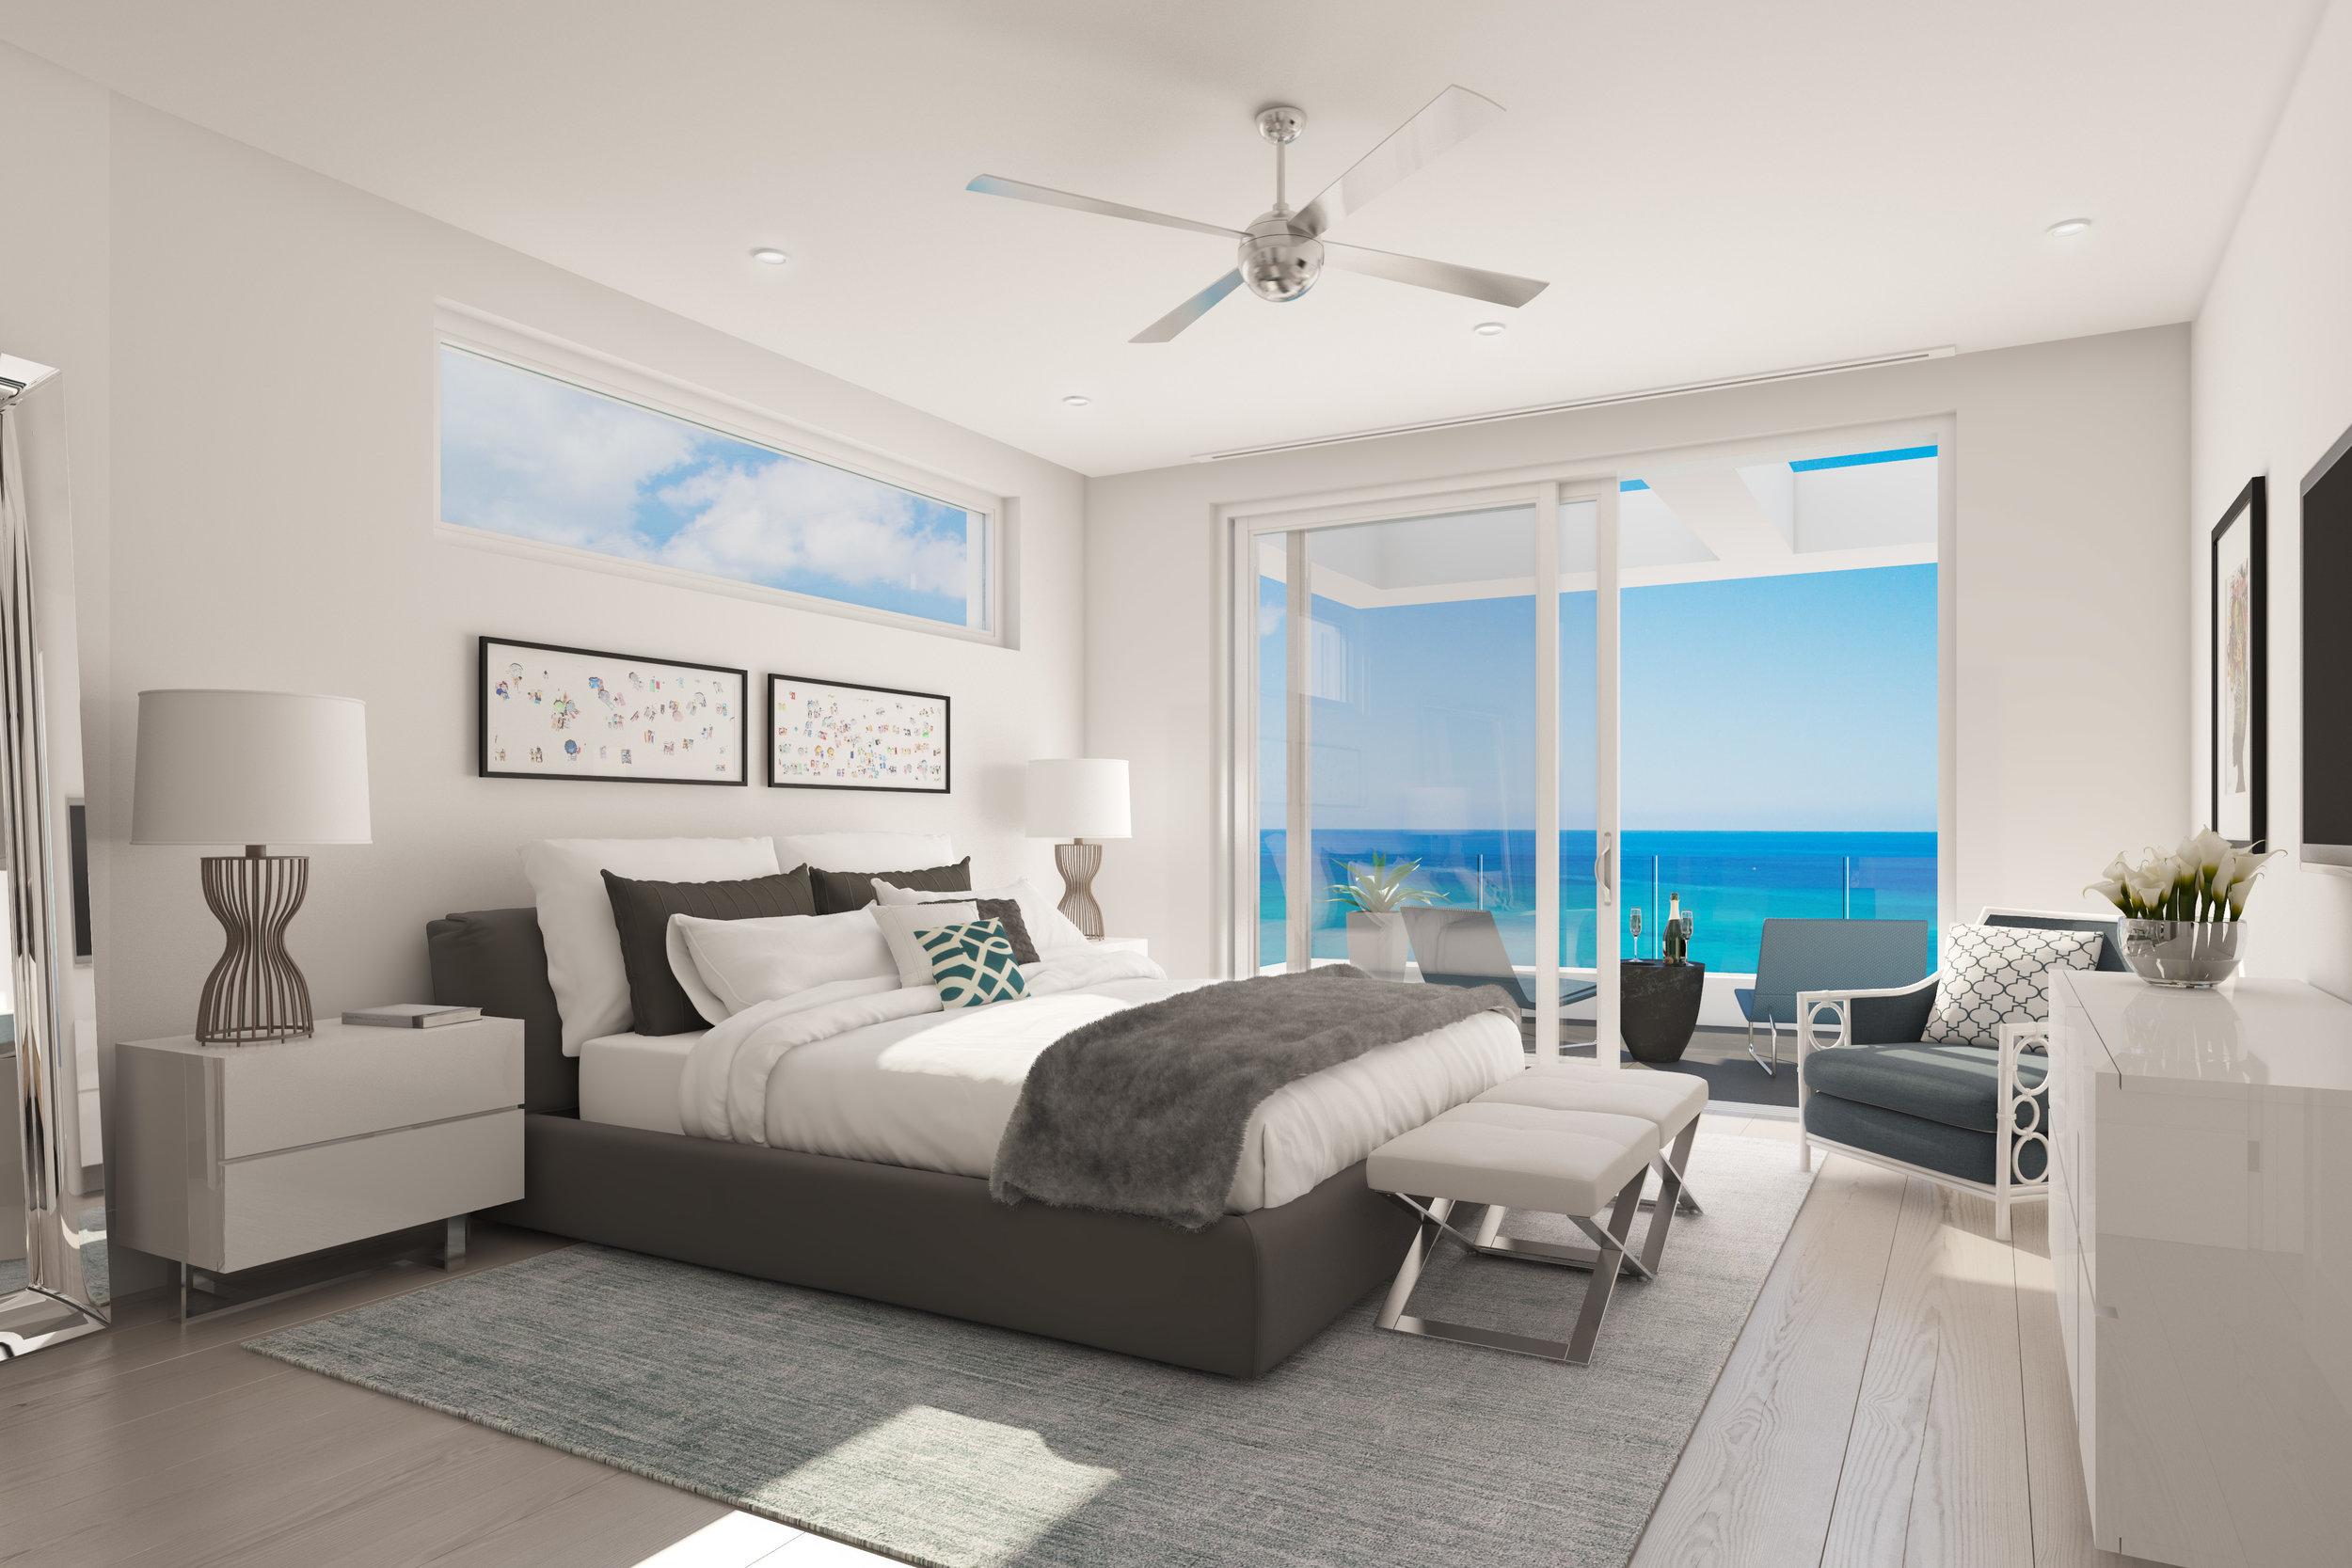 Aqua_Interior_Bedroom.jpg